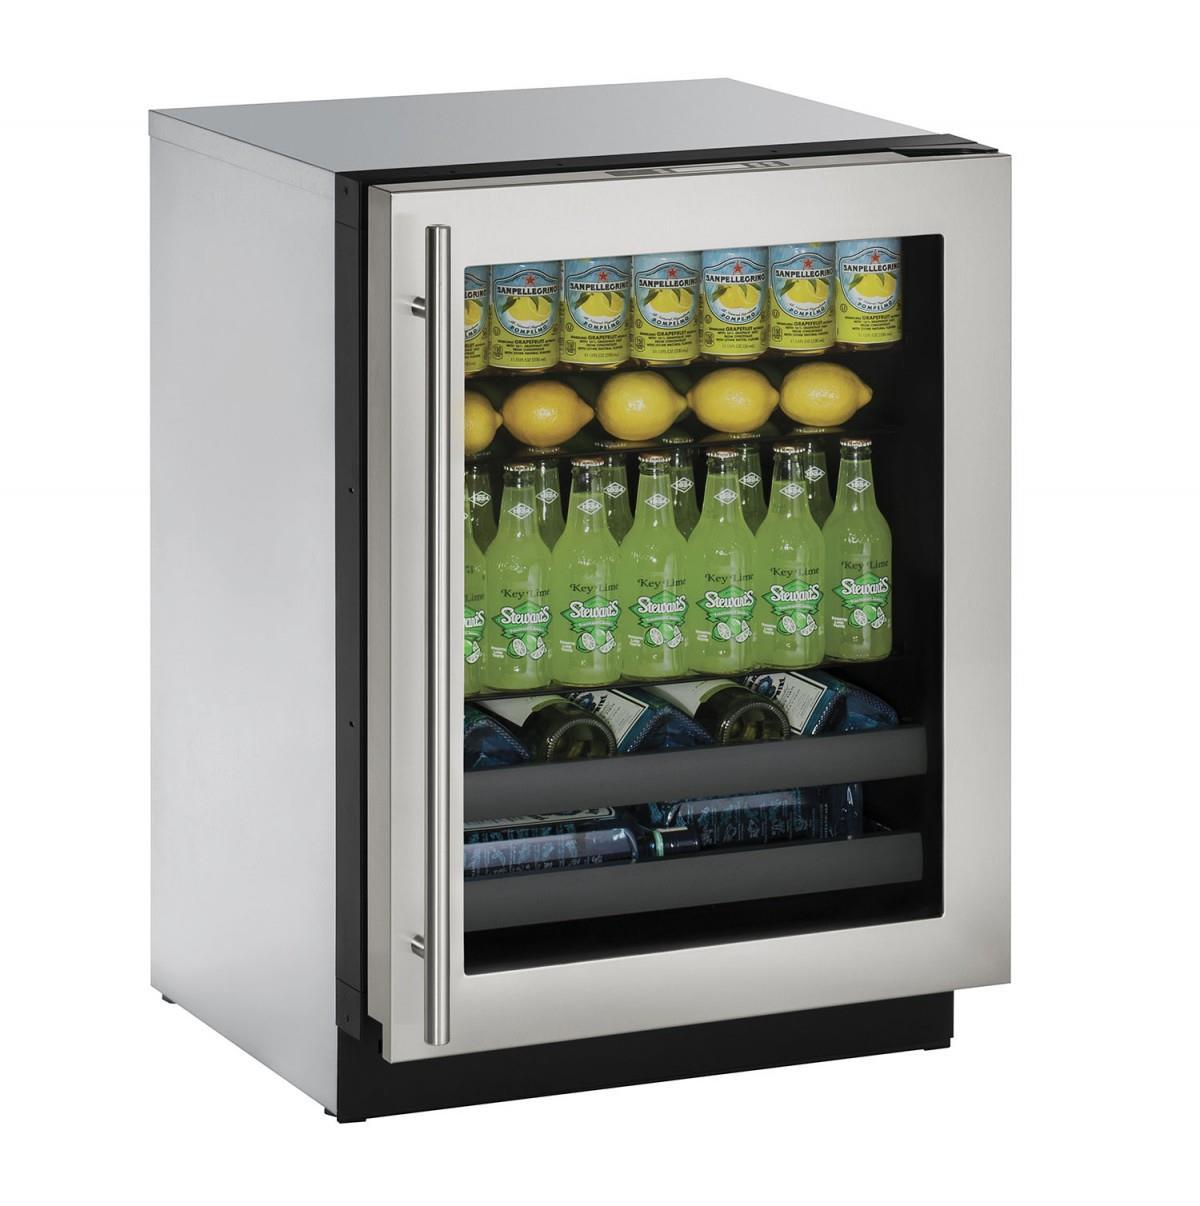 """U-Line Beverage Centers 4.9 cu. ft. 3000 Series 24"""" Beverage Center - Item Number: U-3024BEVS-01A"""